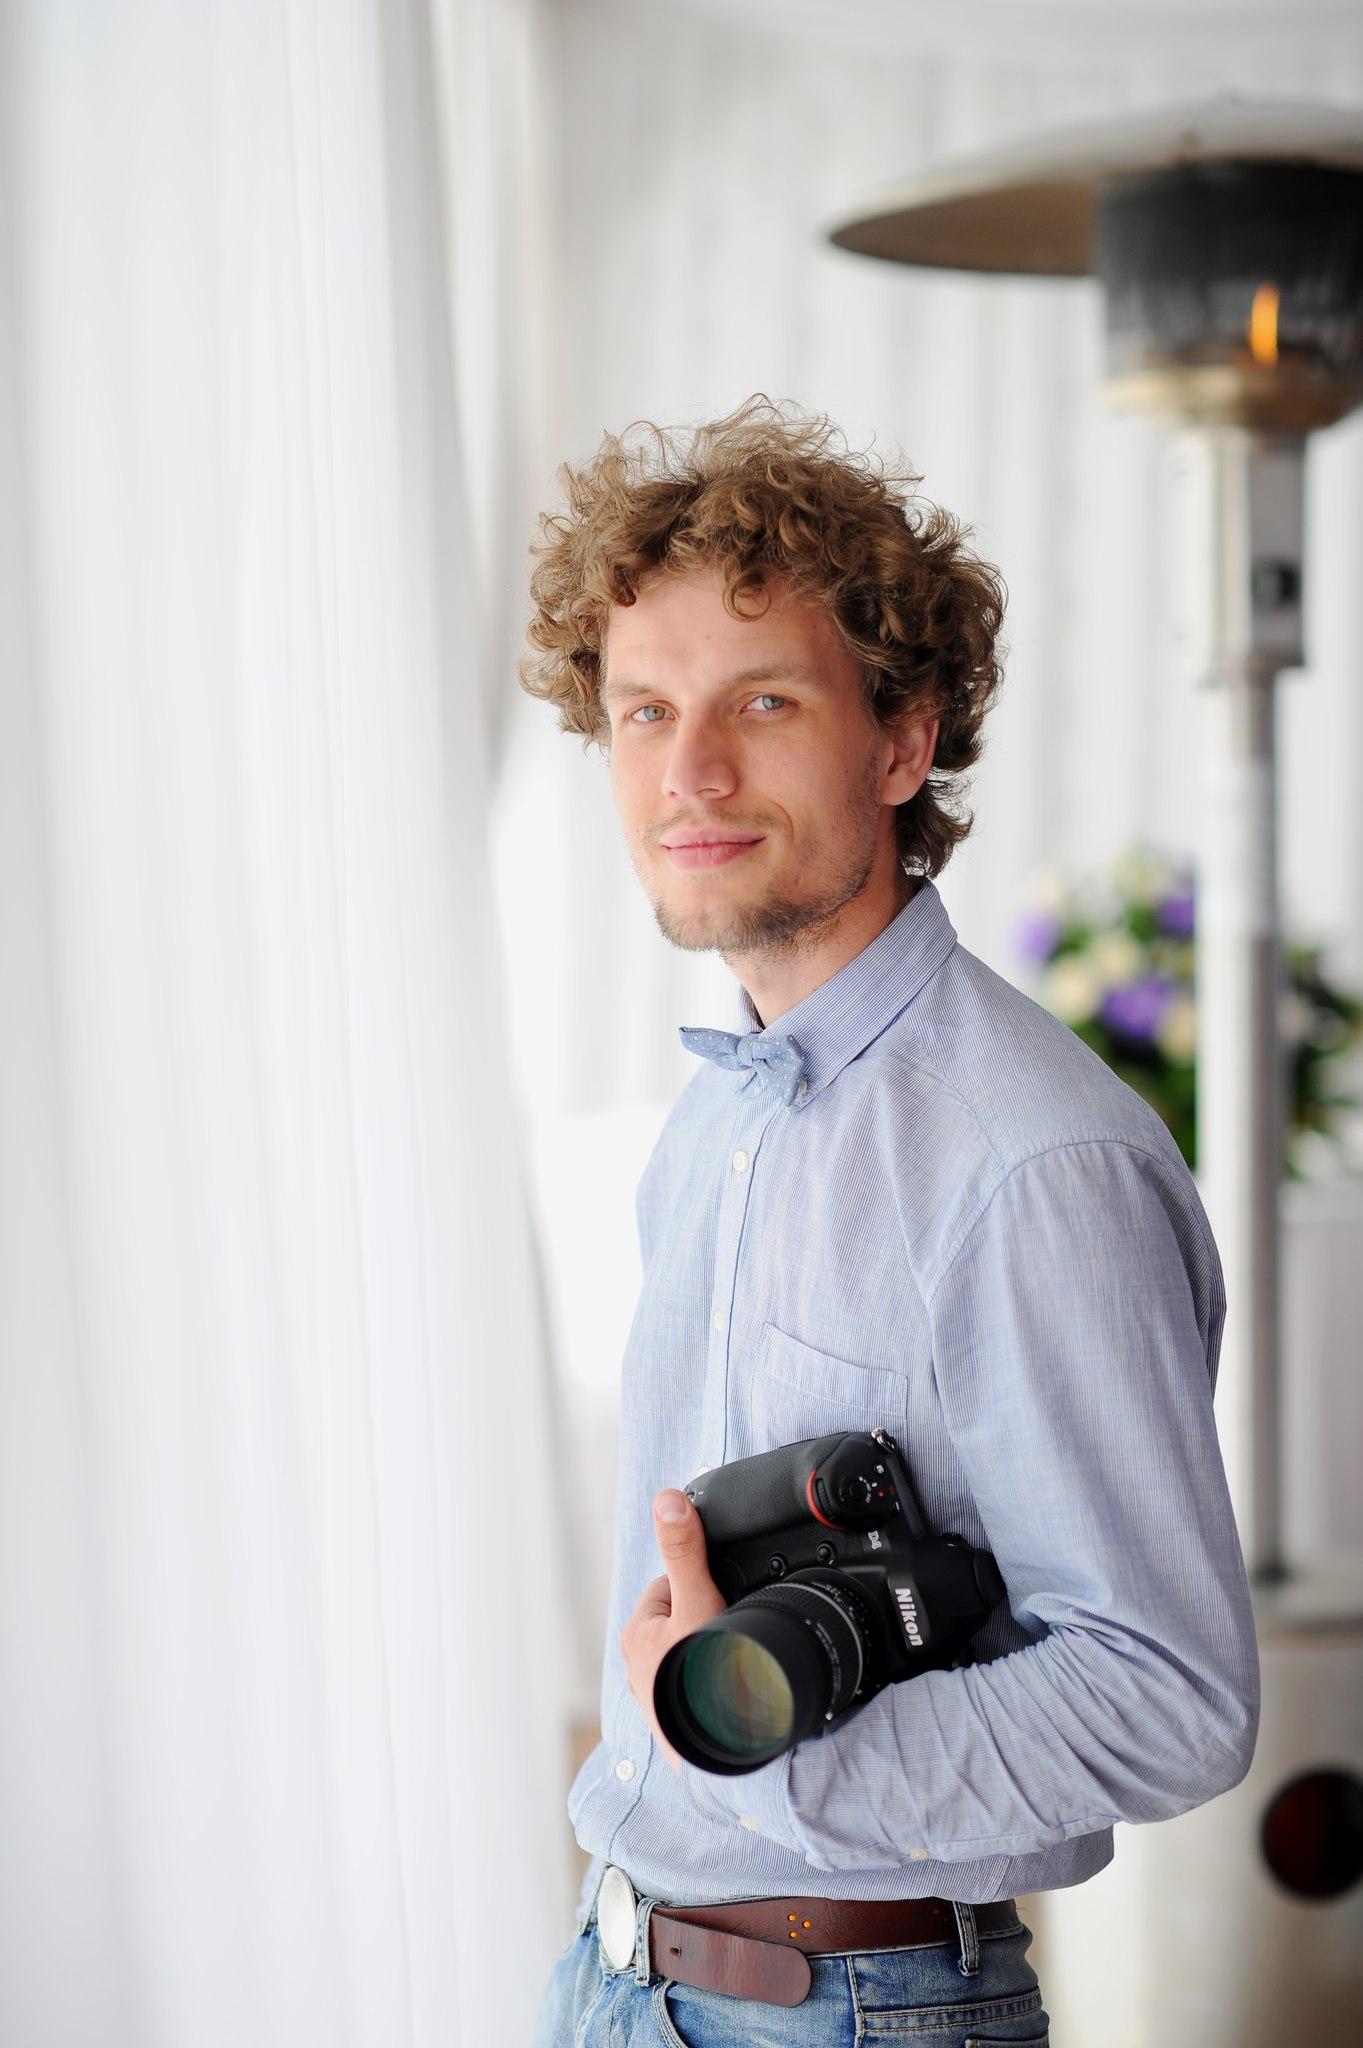 можно отзывы о фотографах екатеринбург мацуев